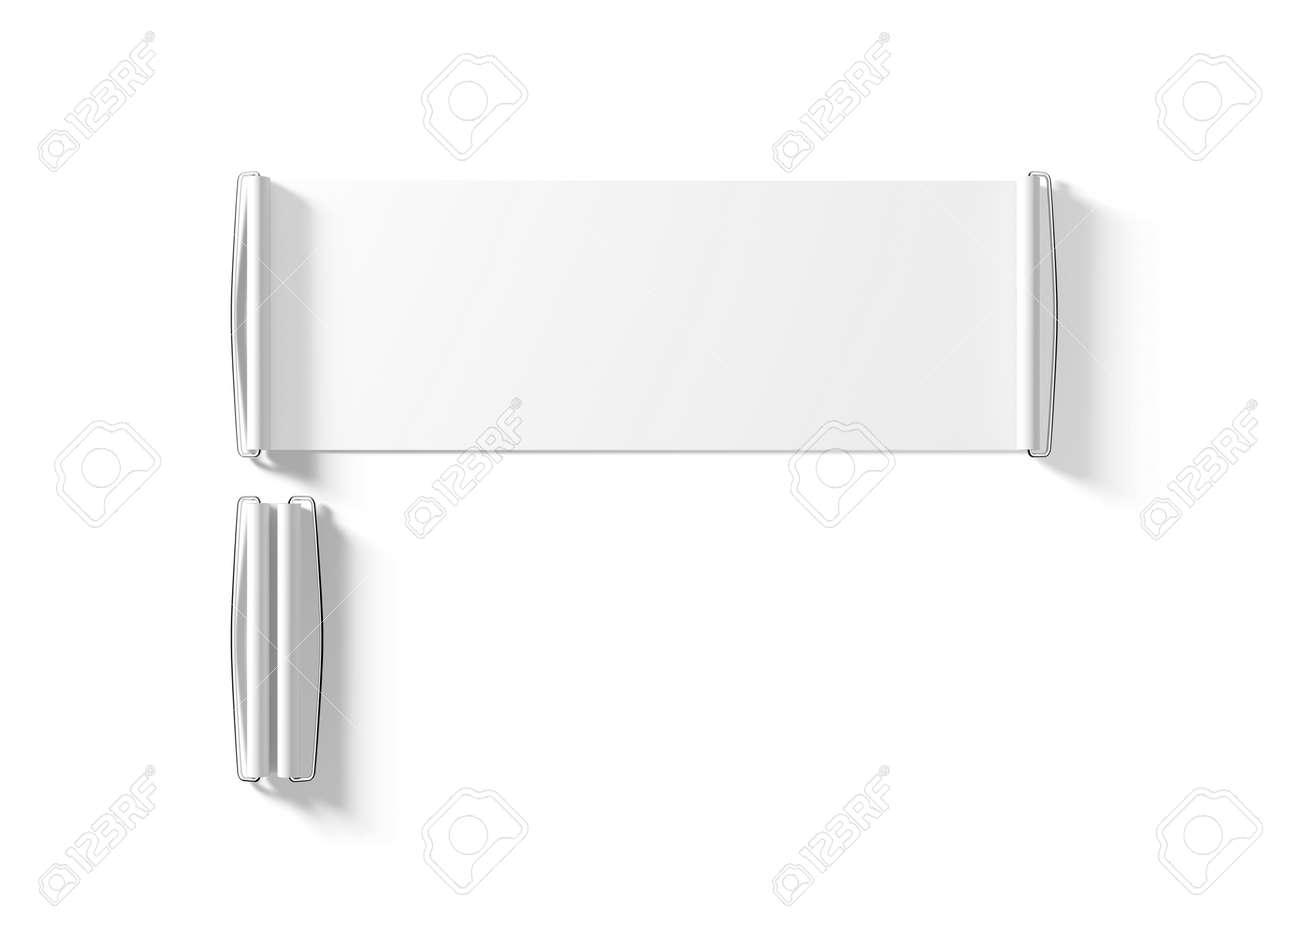 blank white hand held banner mockup isolated 3d rendernig stock